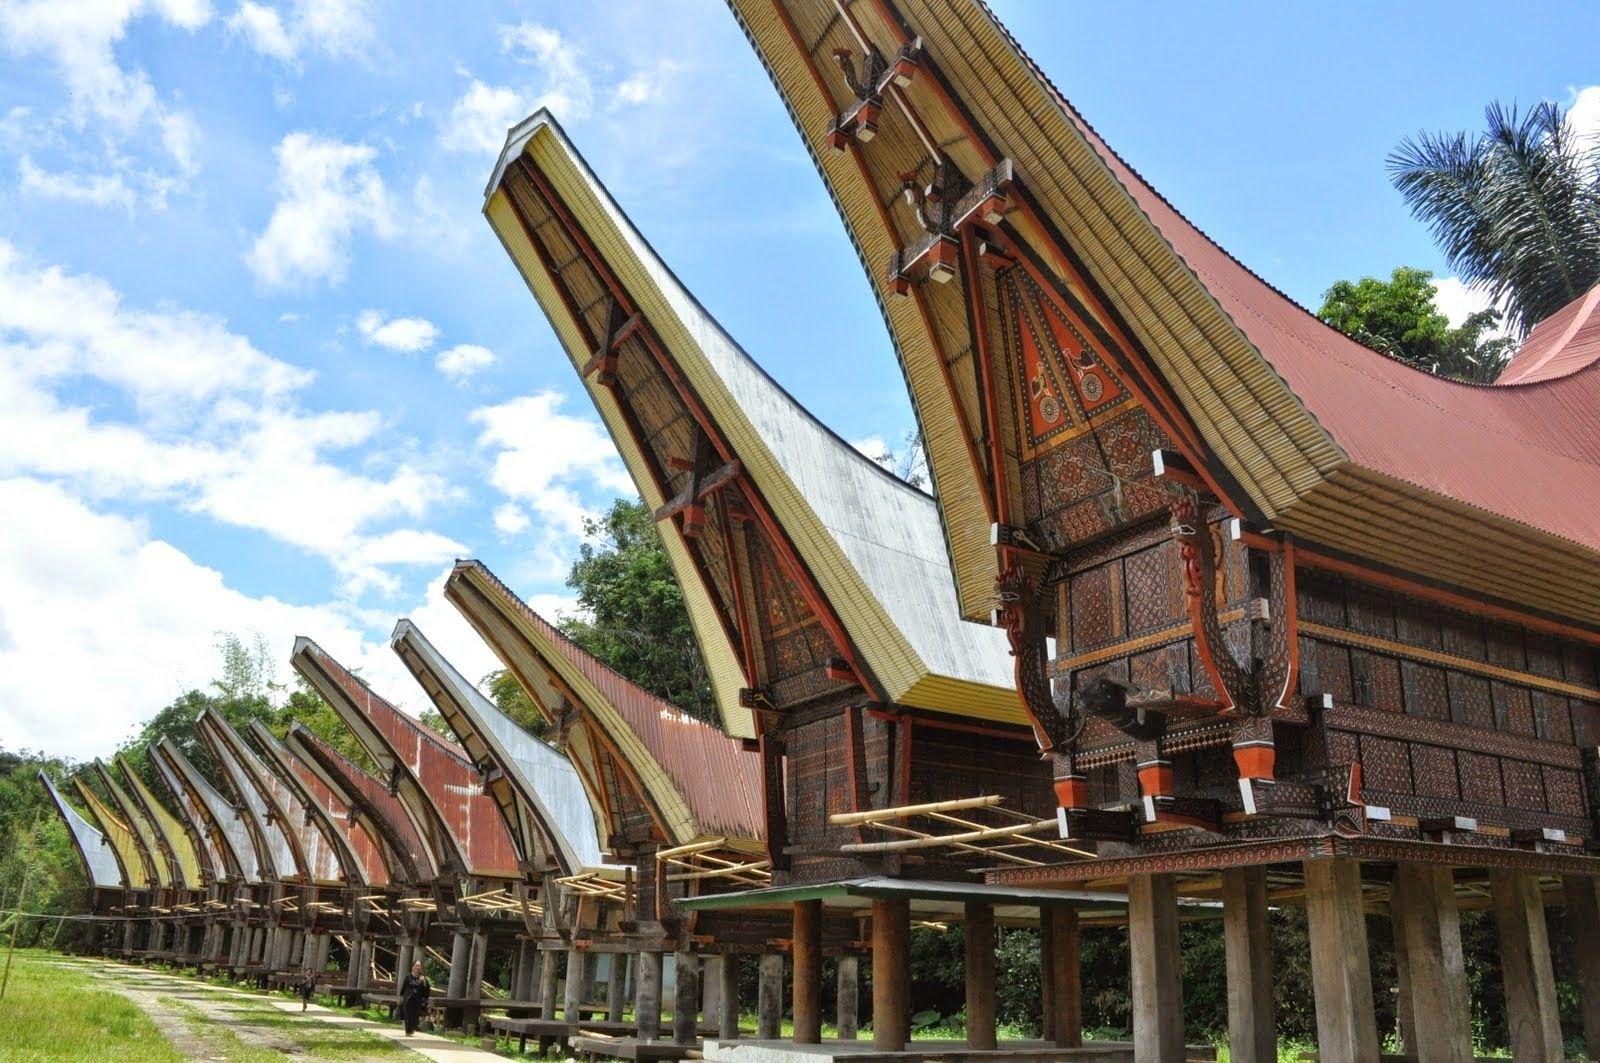 38 Rumah Adat Provinsi Di Indonesia Lengkap Gambar Dan Penjelasan Mamikos Info